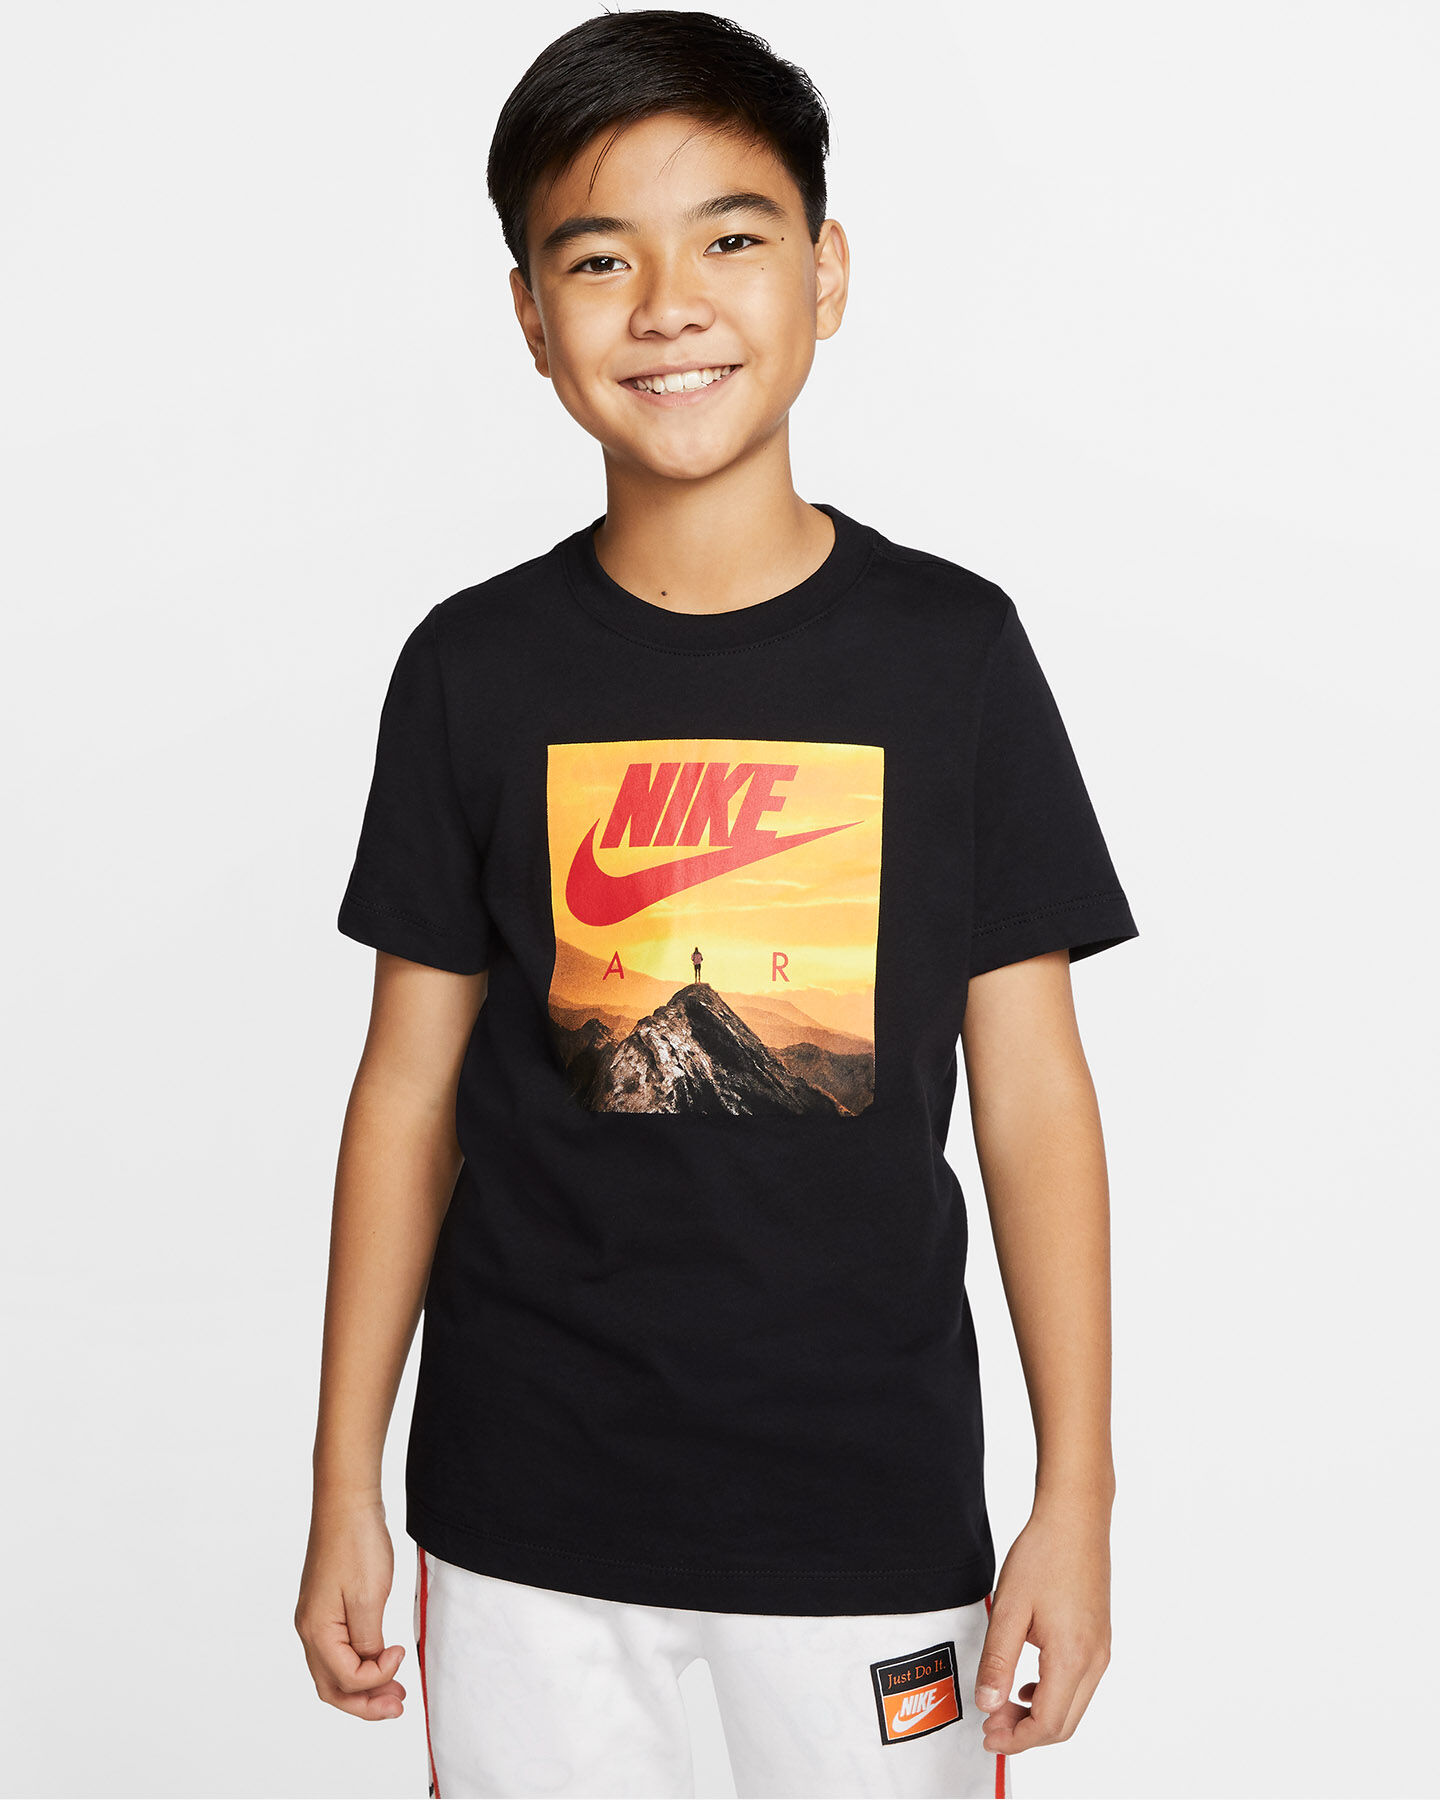 T-Shirt NIKE AIR PHOTO JR S5165058 scatto 2